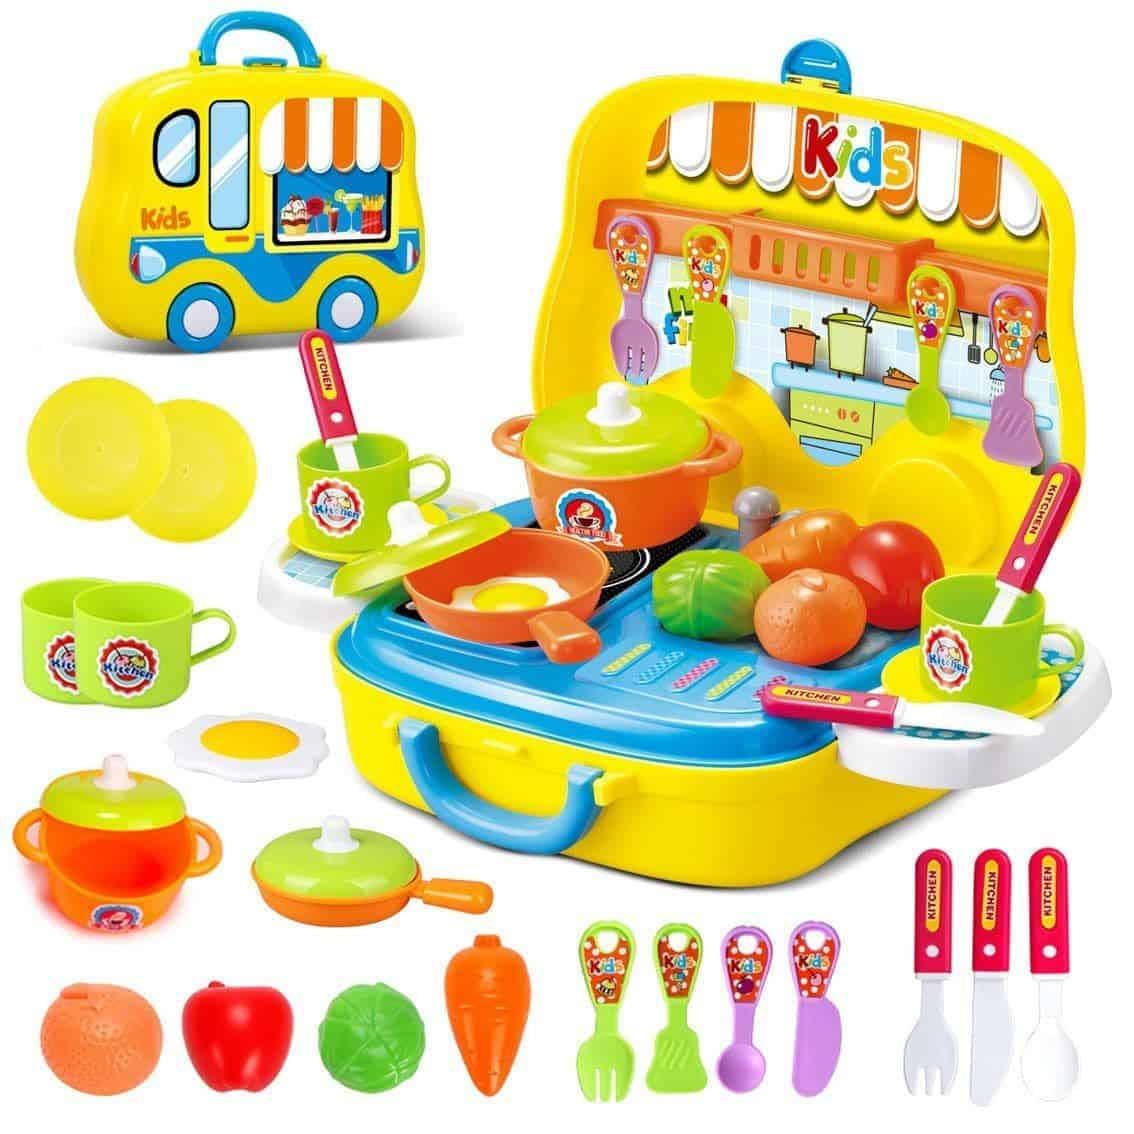 Bộ đồ chơi nhà bếp sáng tạo, vui nhộn